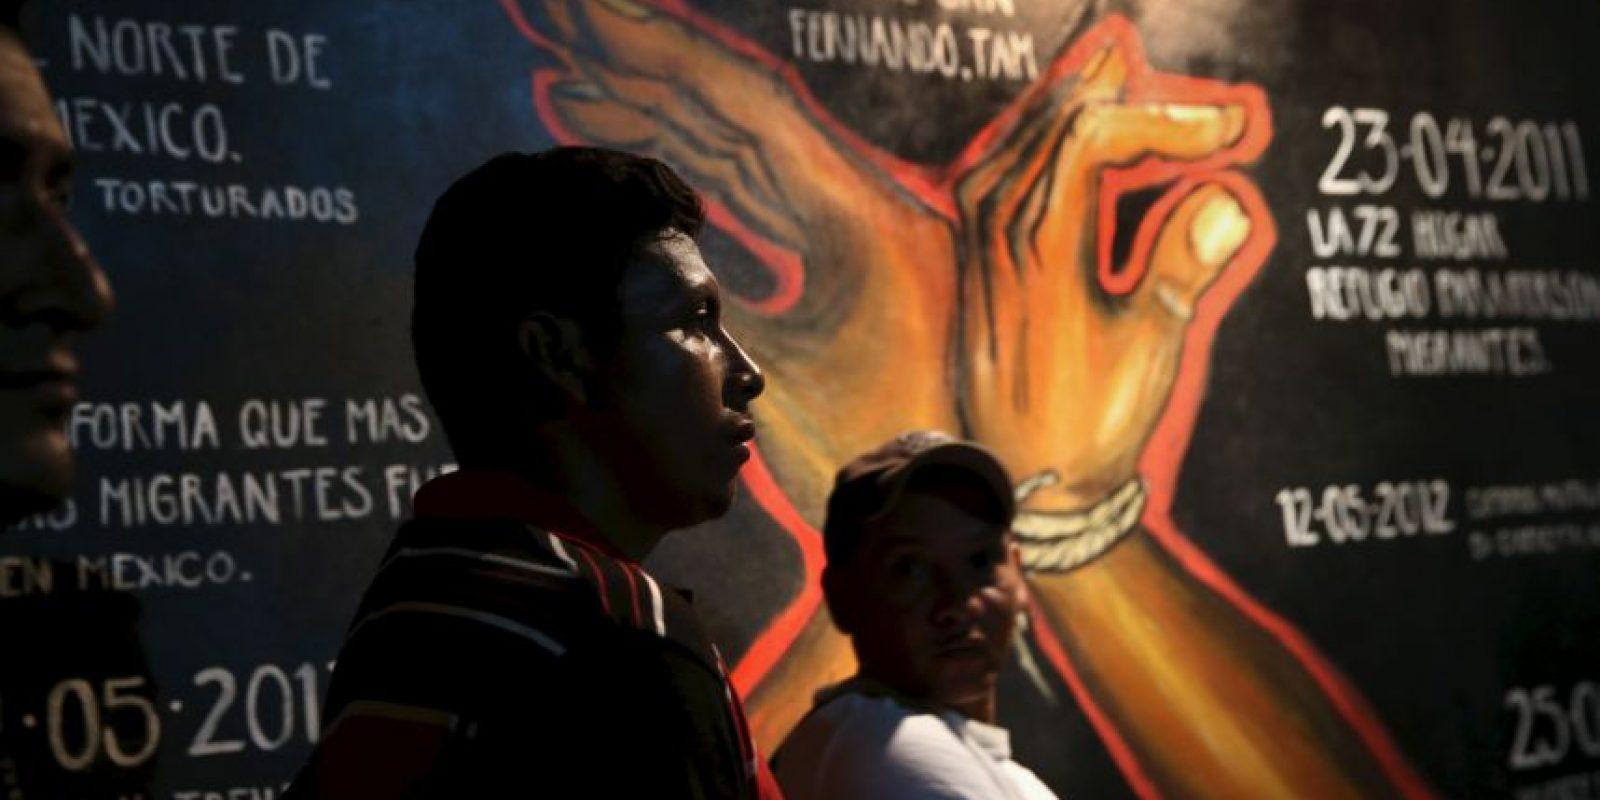 Muchos migrantes son asaltados o extorsionados durante su travesía. Foto:Getty Images